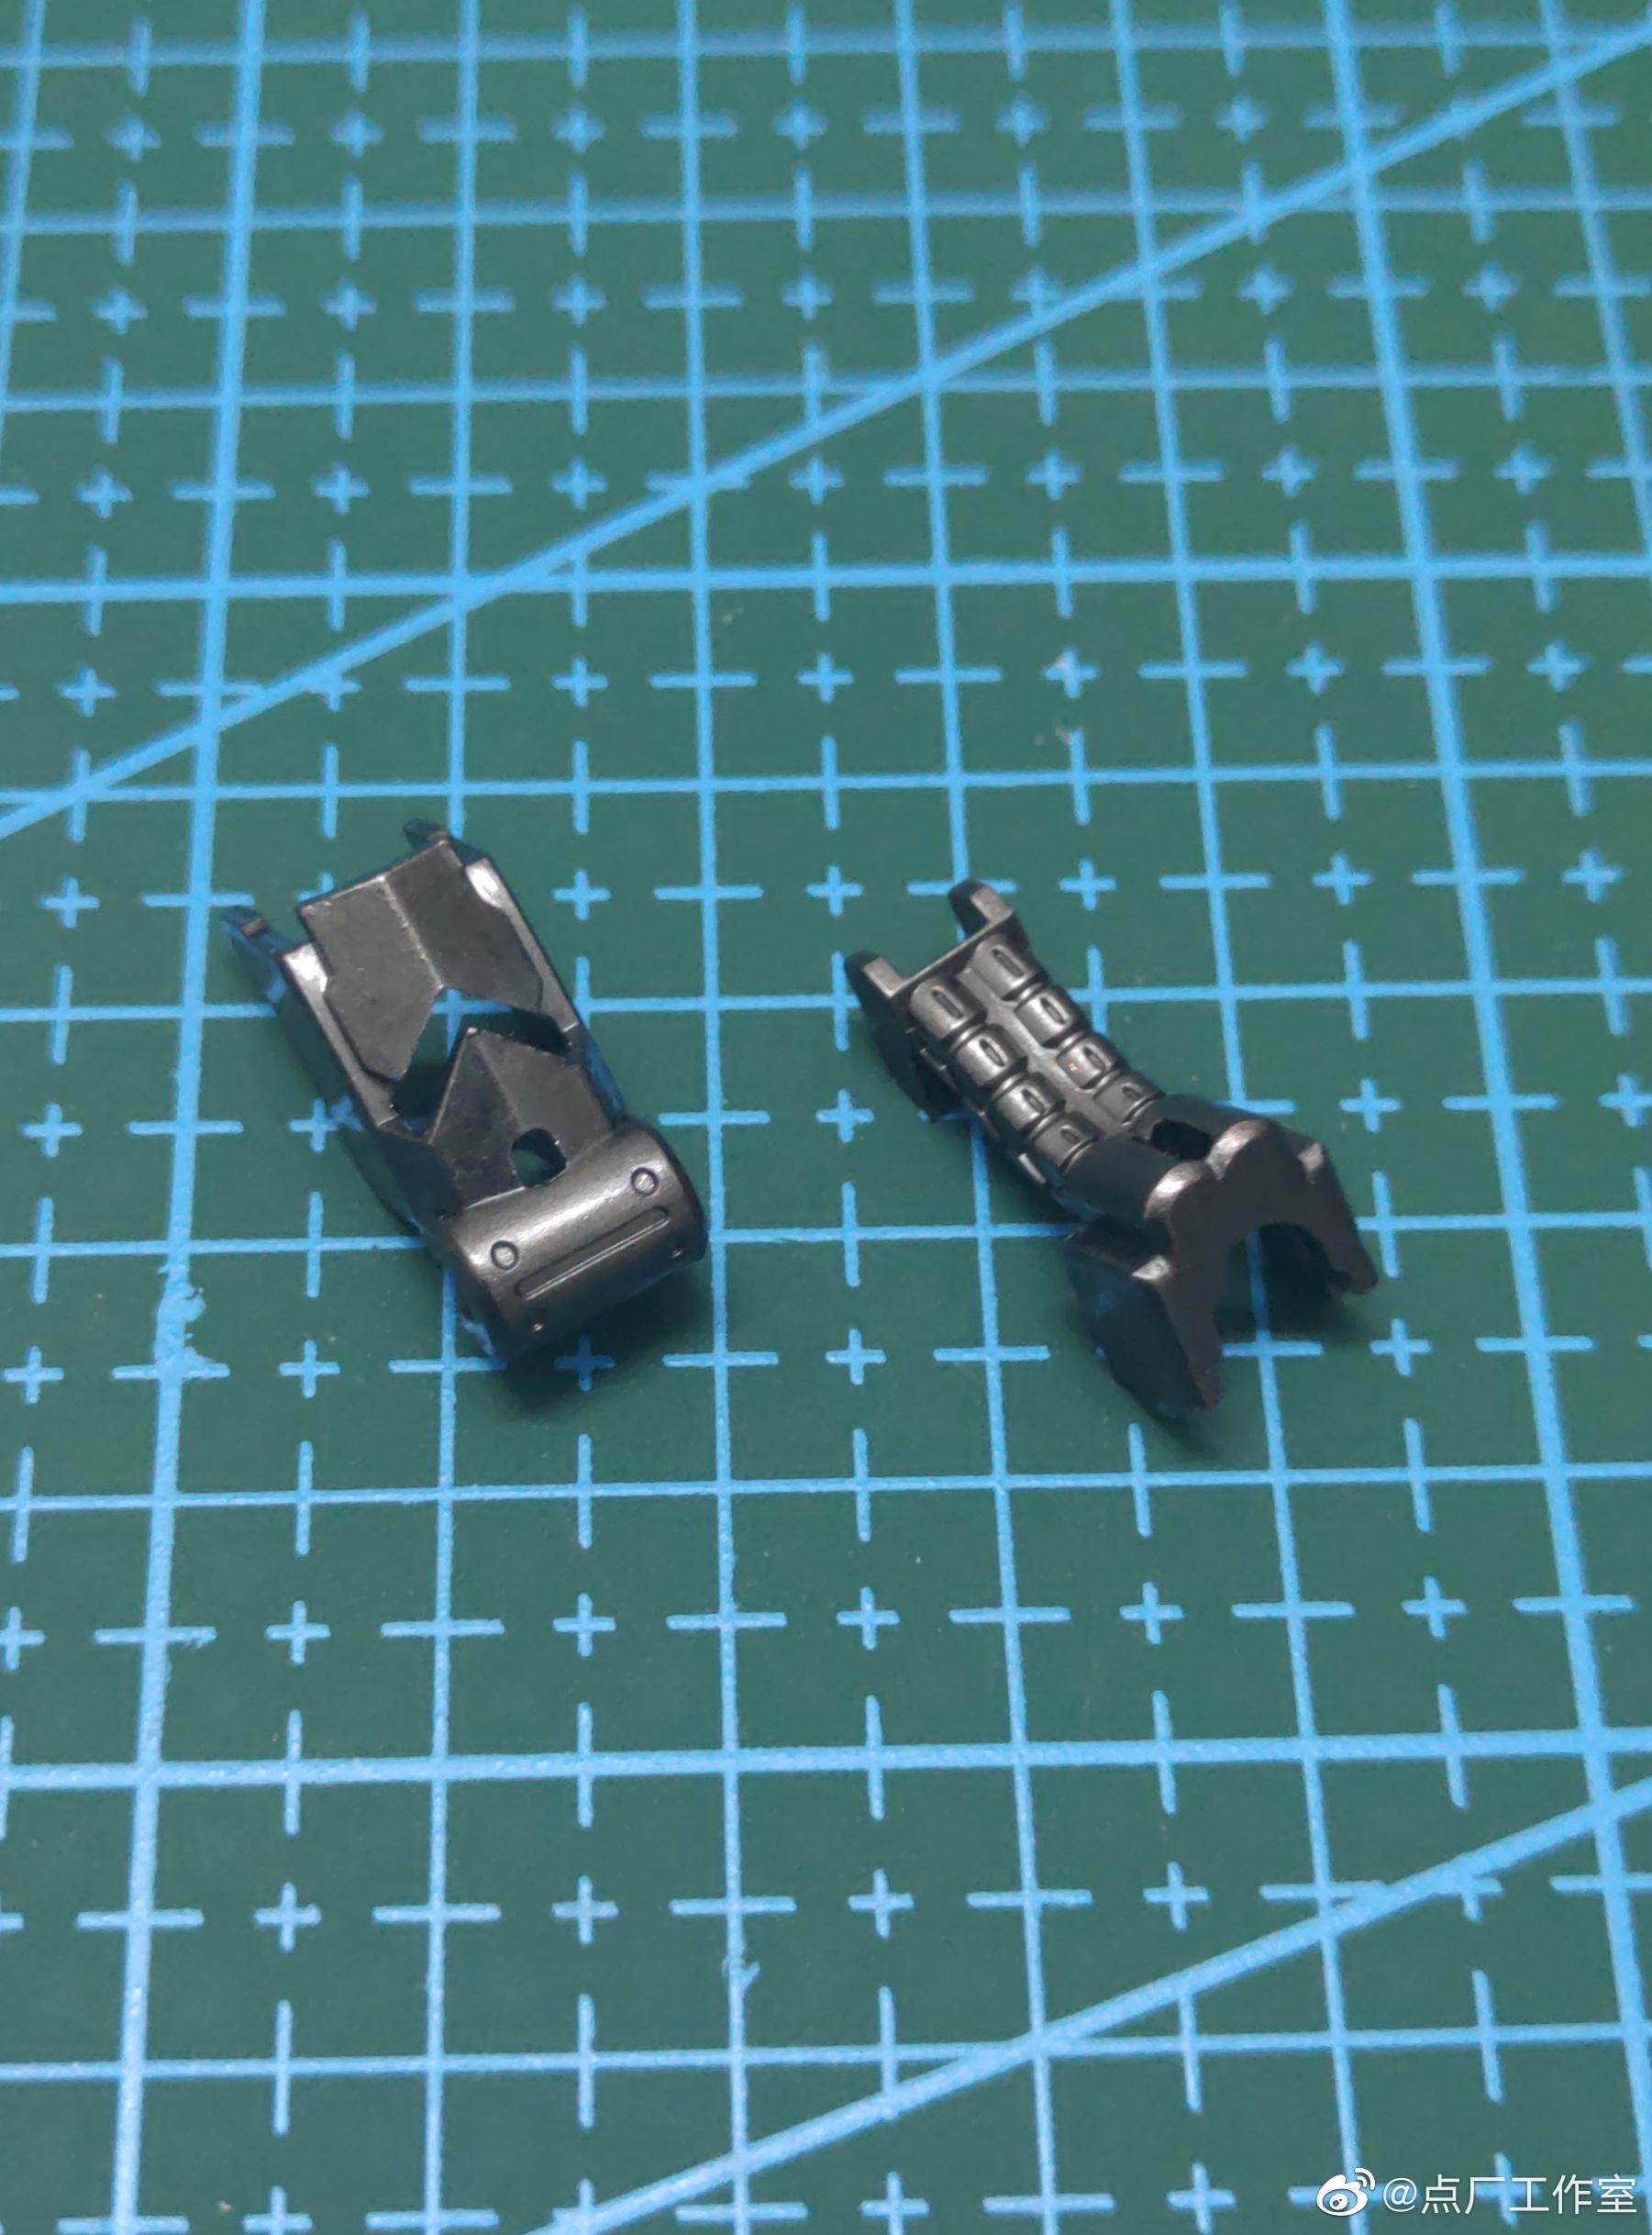 M103_mg_barbatos_metal_frame_parts_set_021.jpg